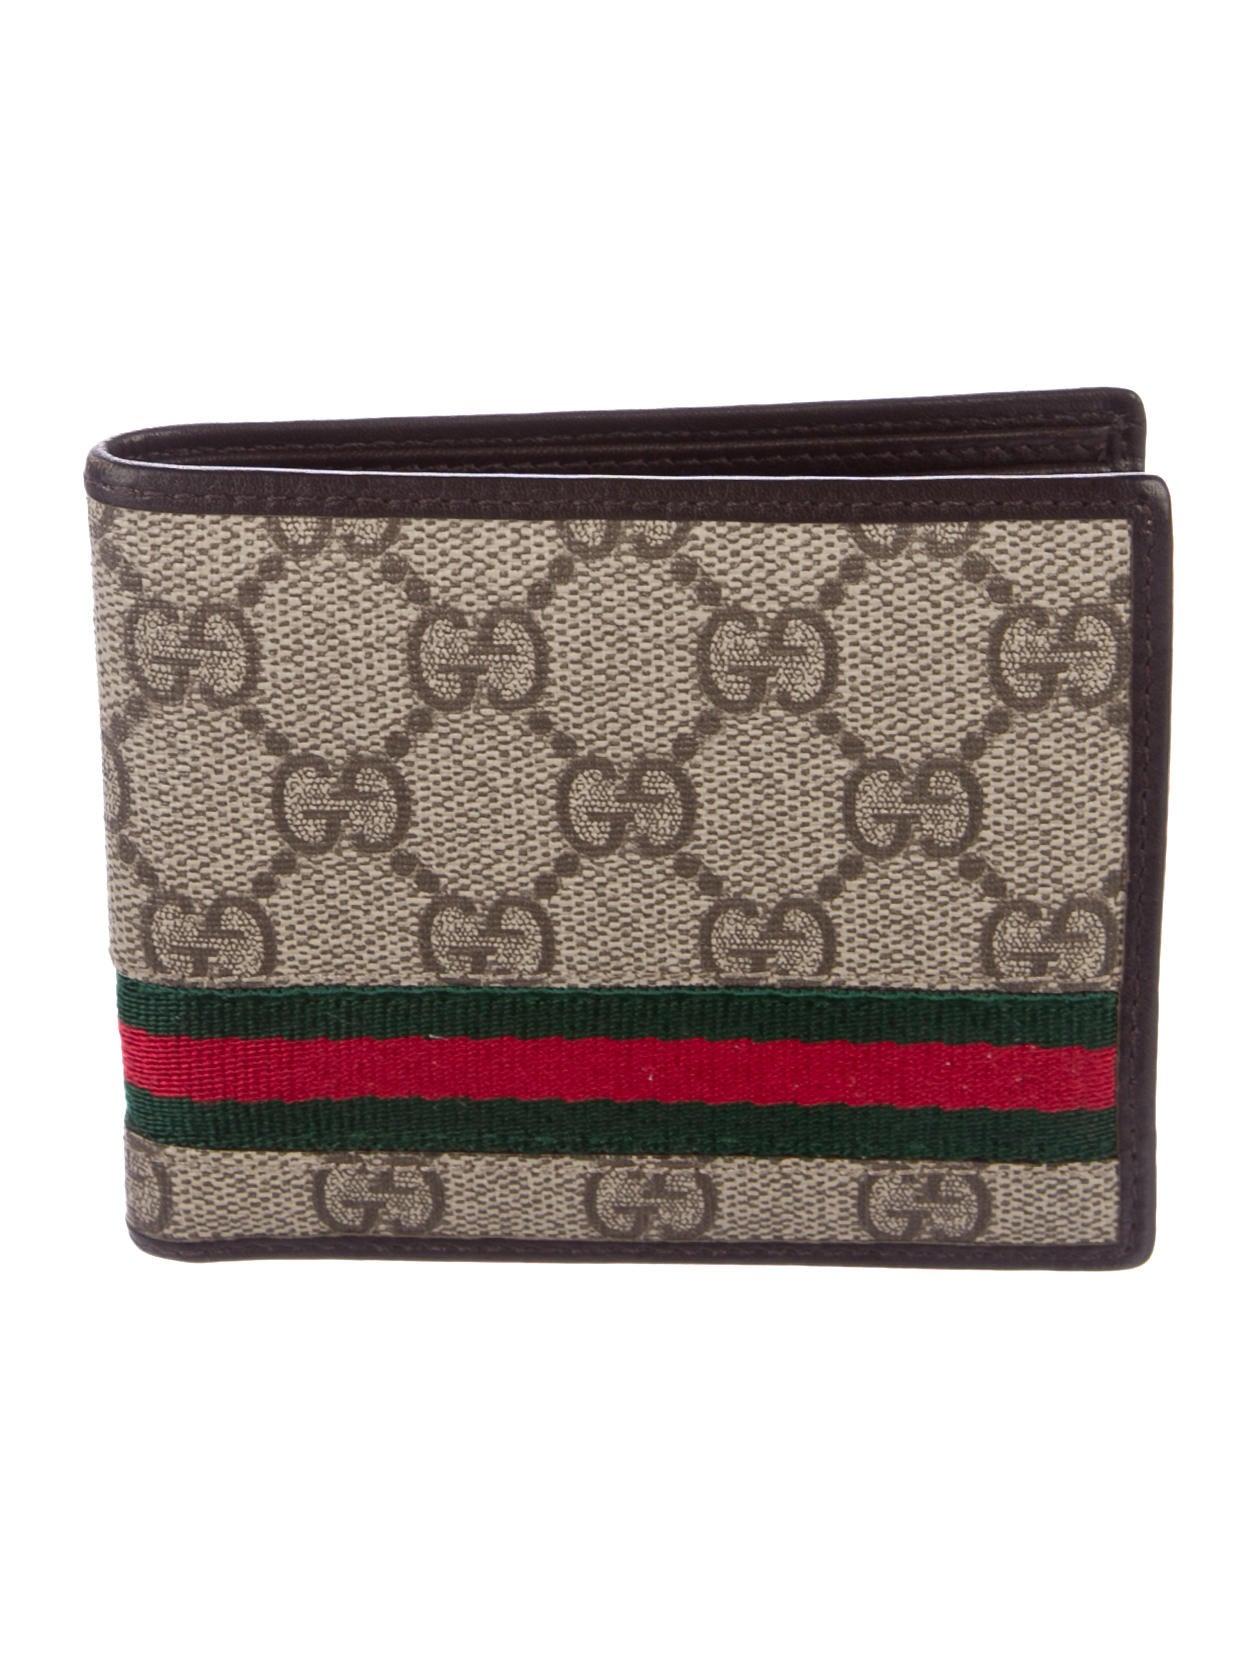 91927a7aec0c Gucci GG Supreme Web Wallet - Accessories - GUC180200